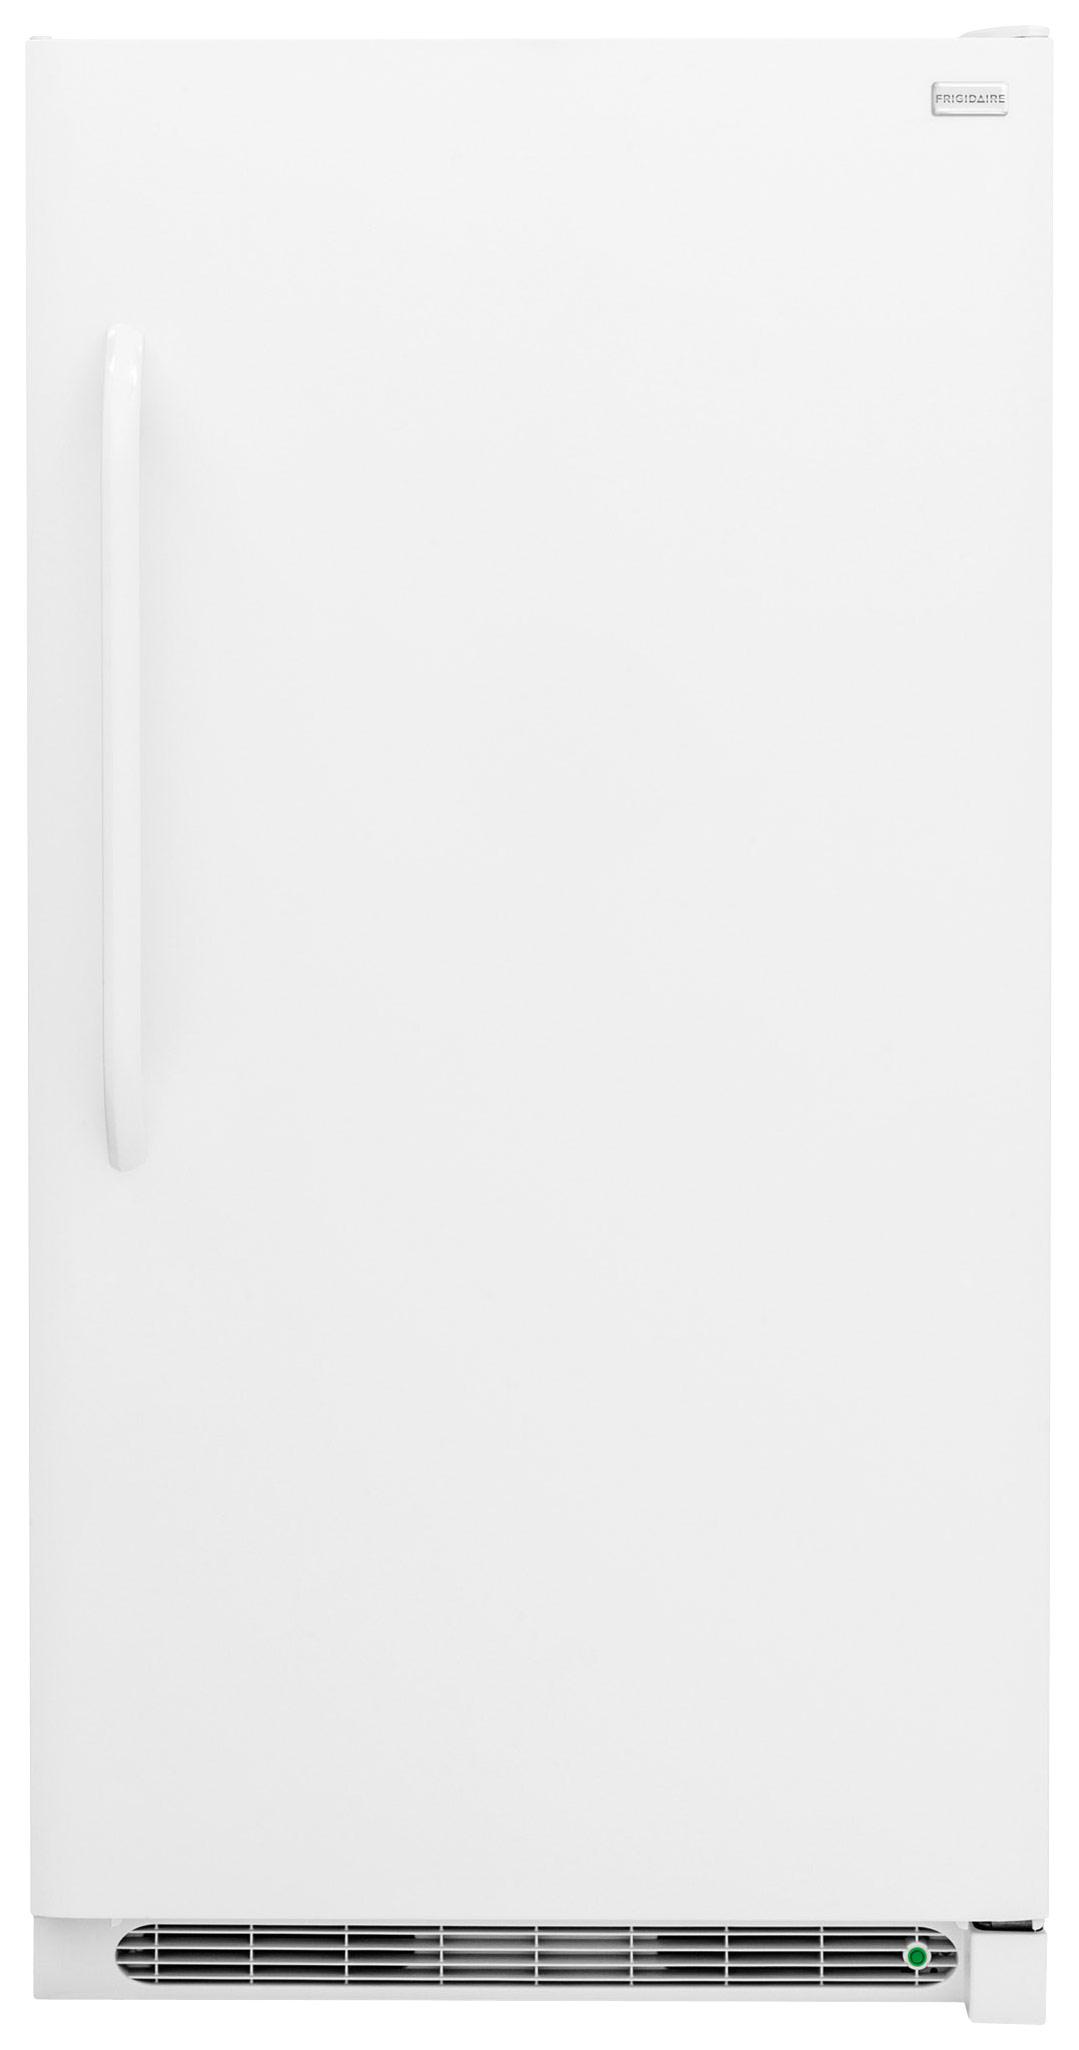 Frigidaire 17.4 Cu. Ft. Upright Freezer White FFFU17M1QW